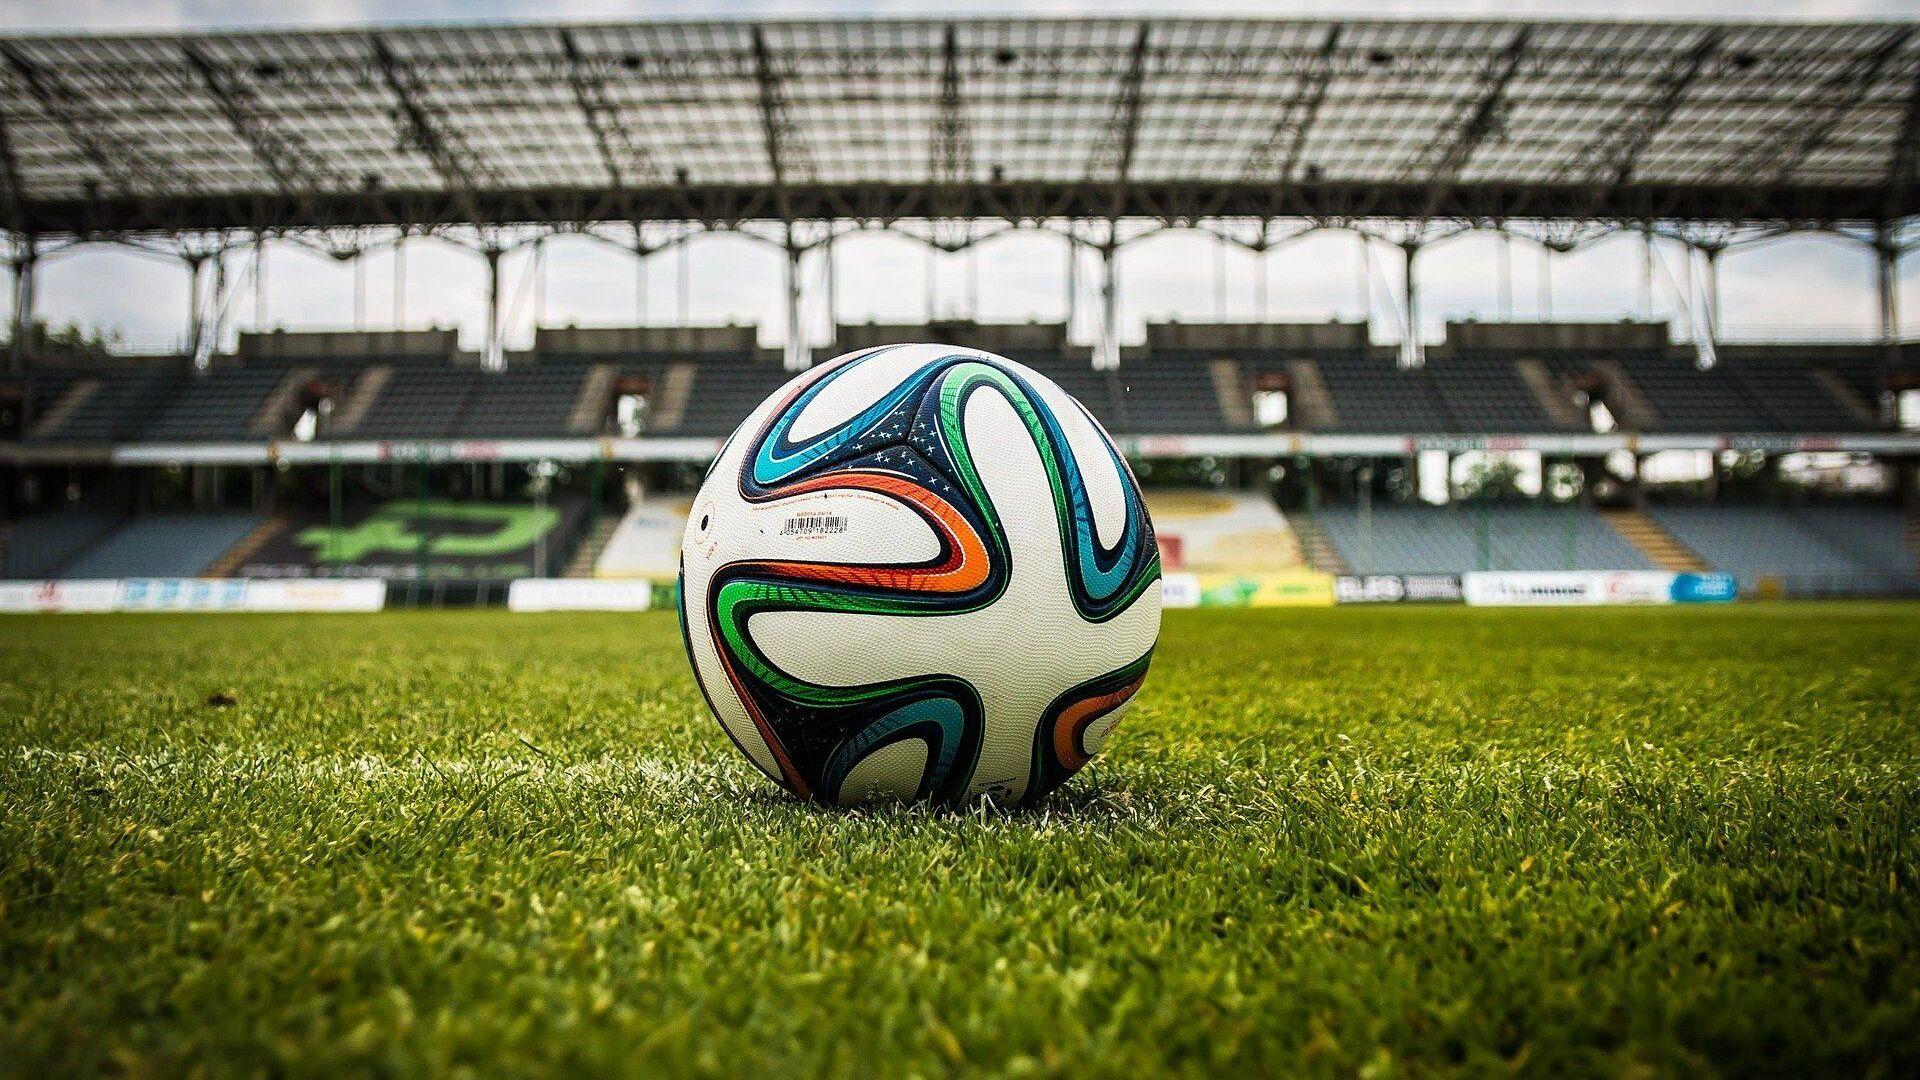 Balón de fútbol en un estadio (referencial) - Sputnik Mundo, 1920, 31.03.2021